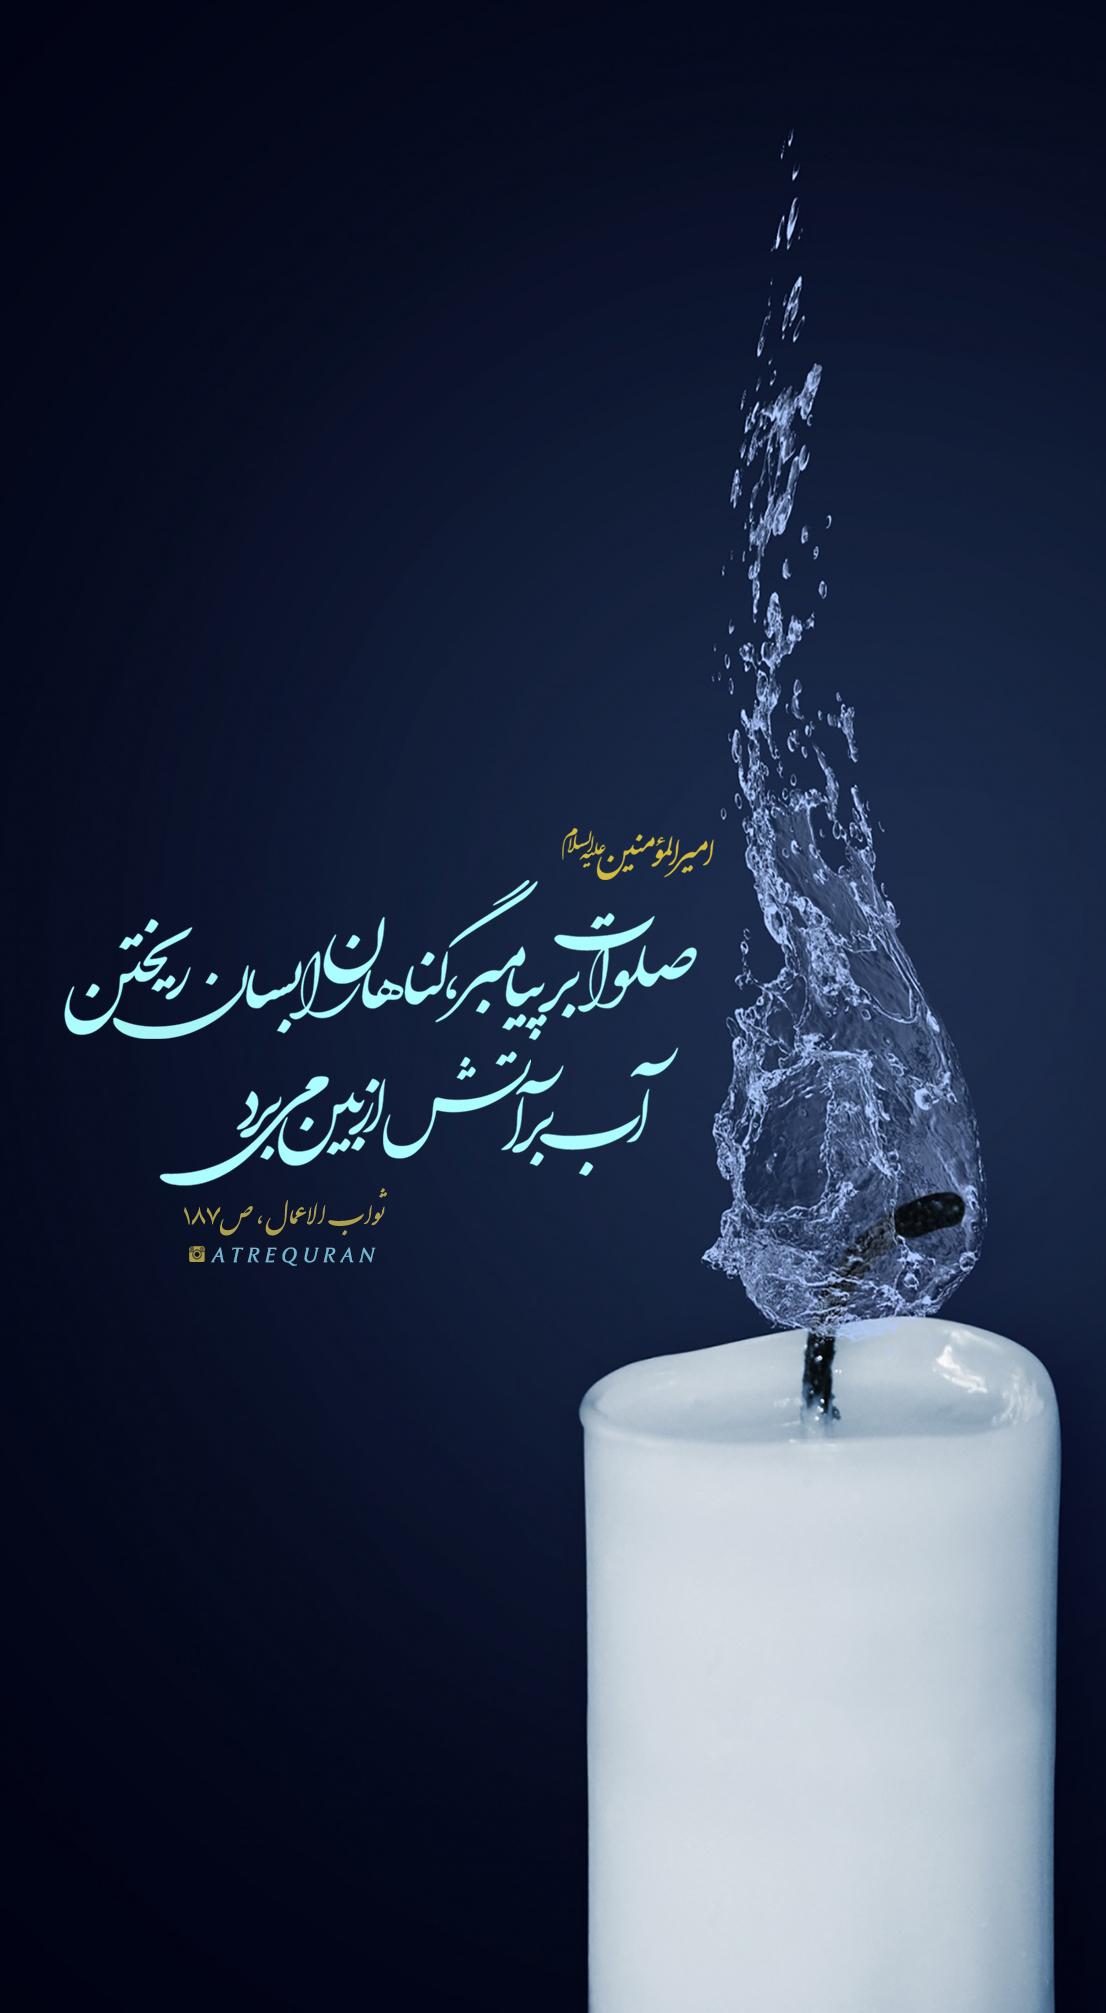 فضیلت صلوات بر پیامبر اکرم ص